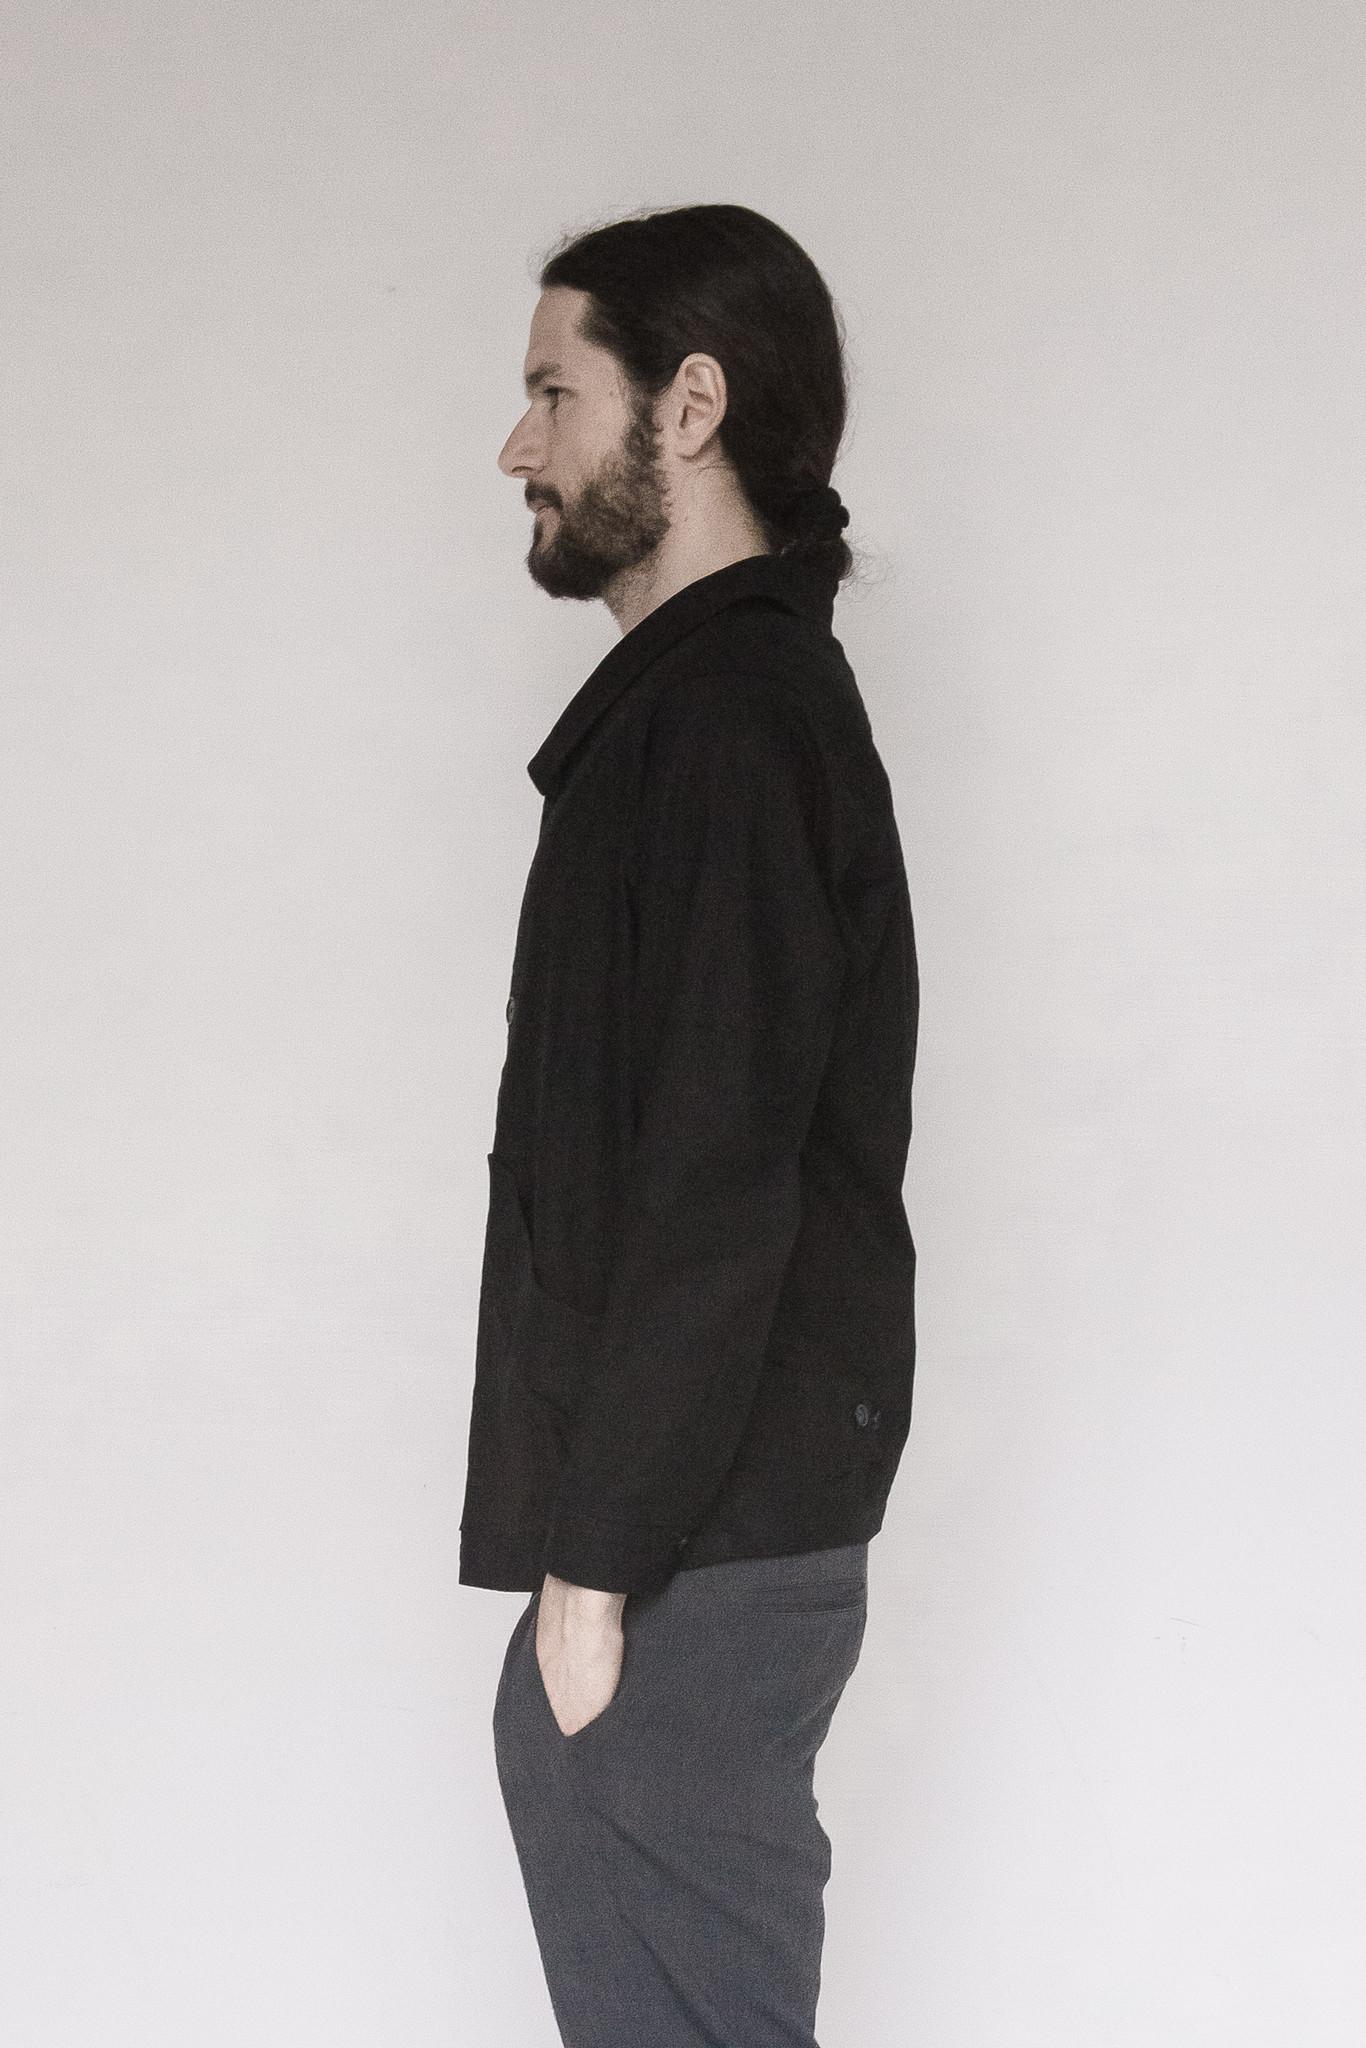 David Michael Linen Revolutionary Jacket in Black for Men